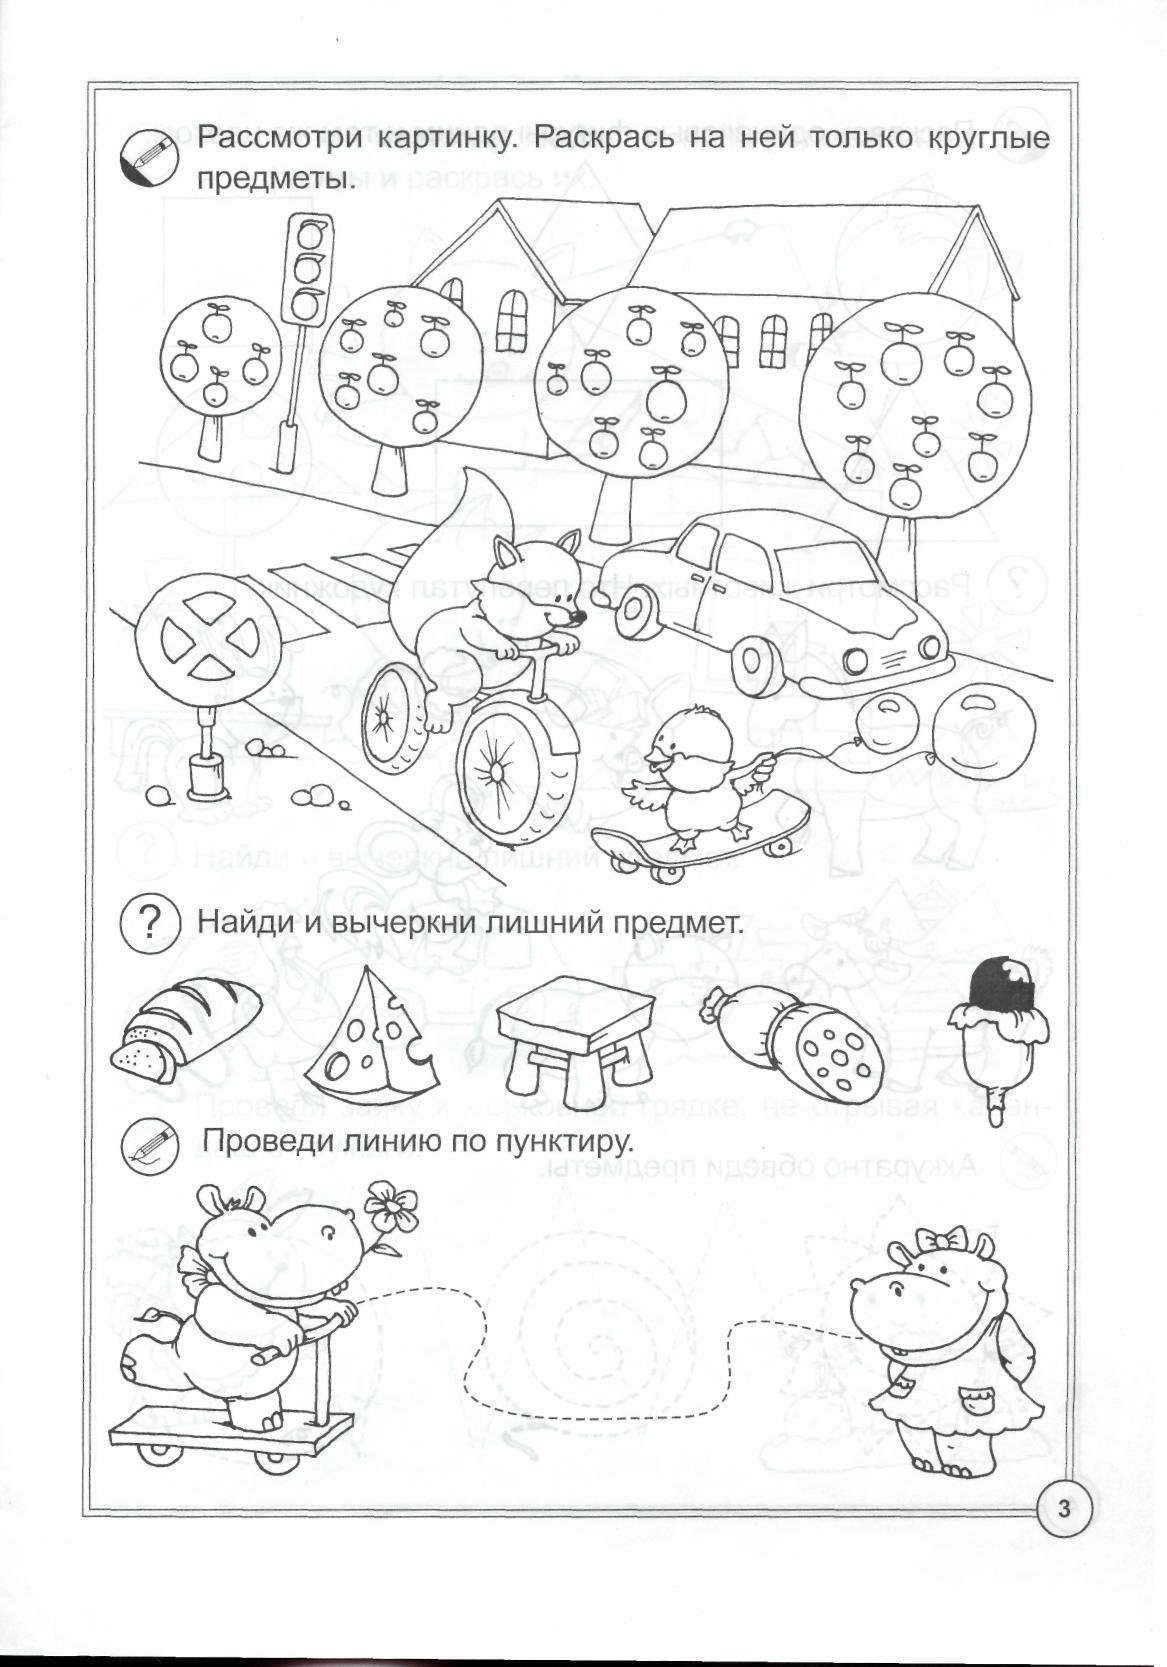 Логика для дошкольников задания в картинках для детей